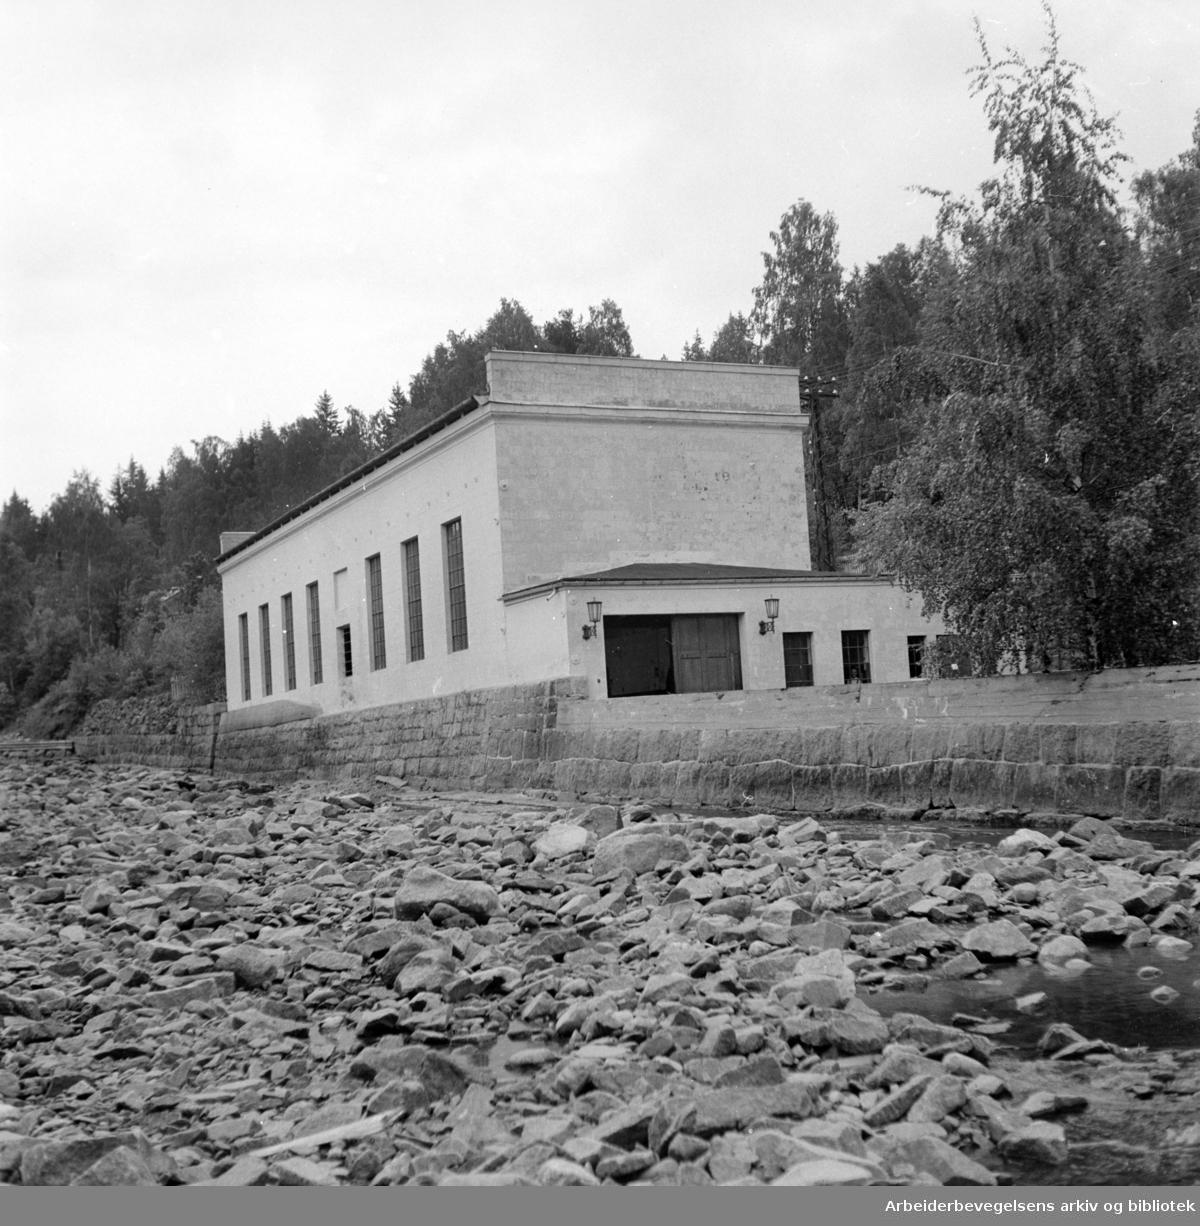 Maridalen: Hammeren transformatorstasjon. Ble satt i drift 15. juni 1900. Juni 1950